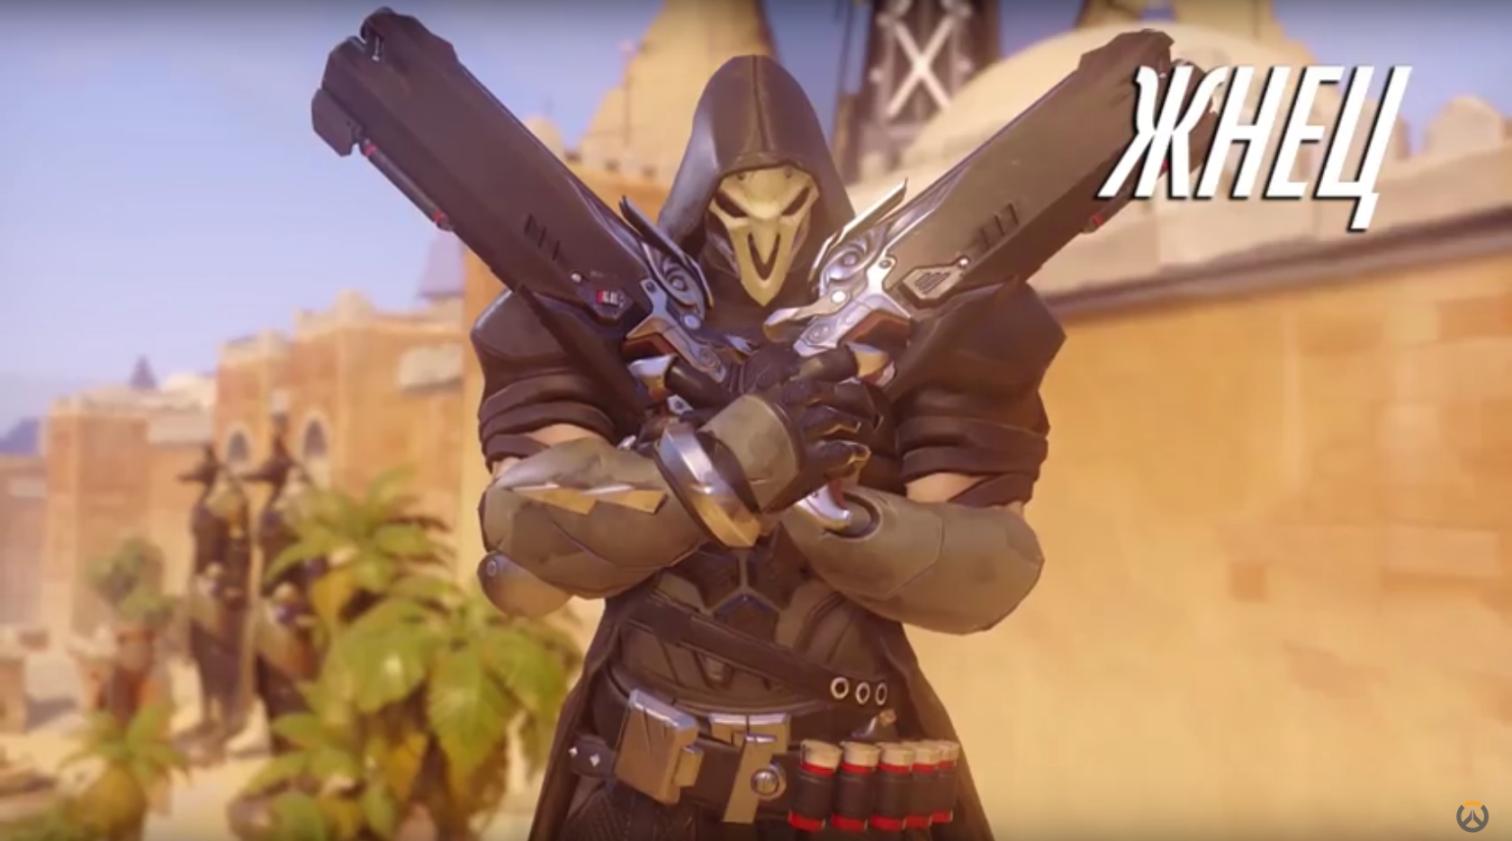 Гайд на Жнеца (Reaper) из Overwatch